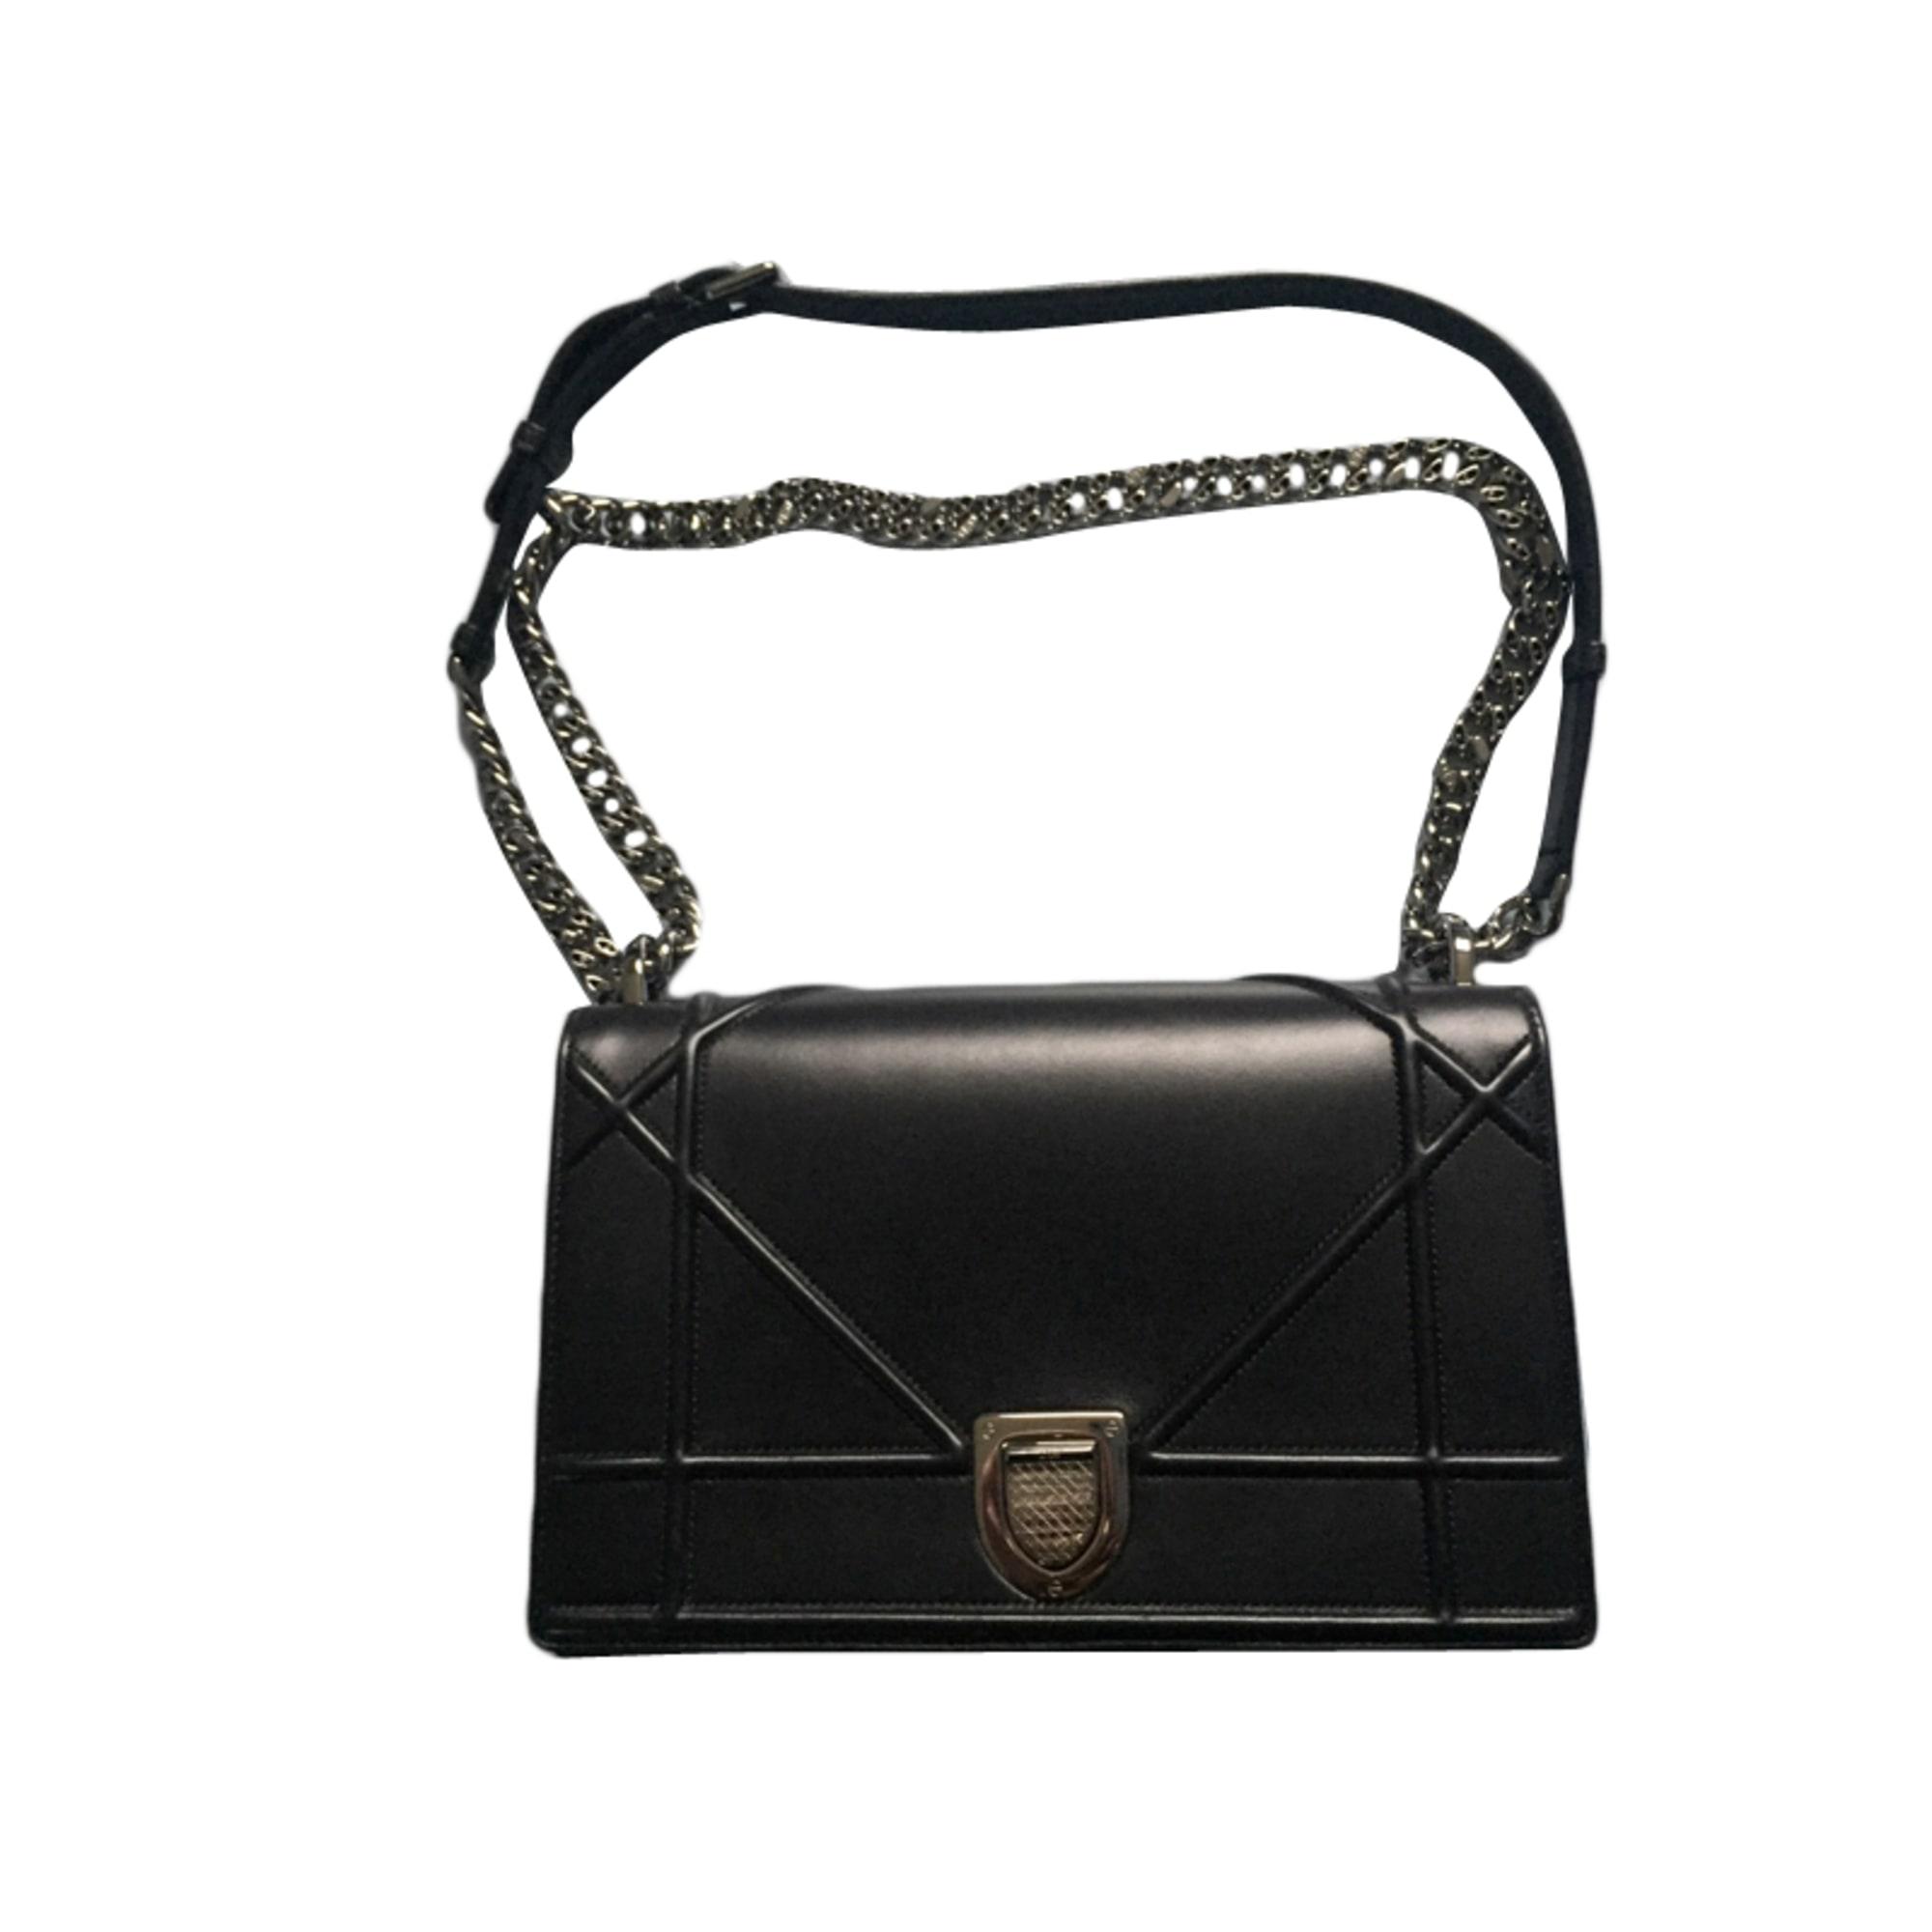 Sac à main en cuir DIOR diorama noir vendu par Karine425757 - 4083800 f9667924696